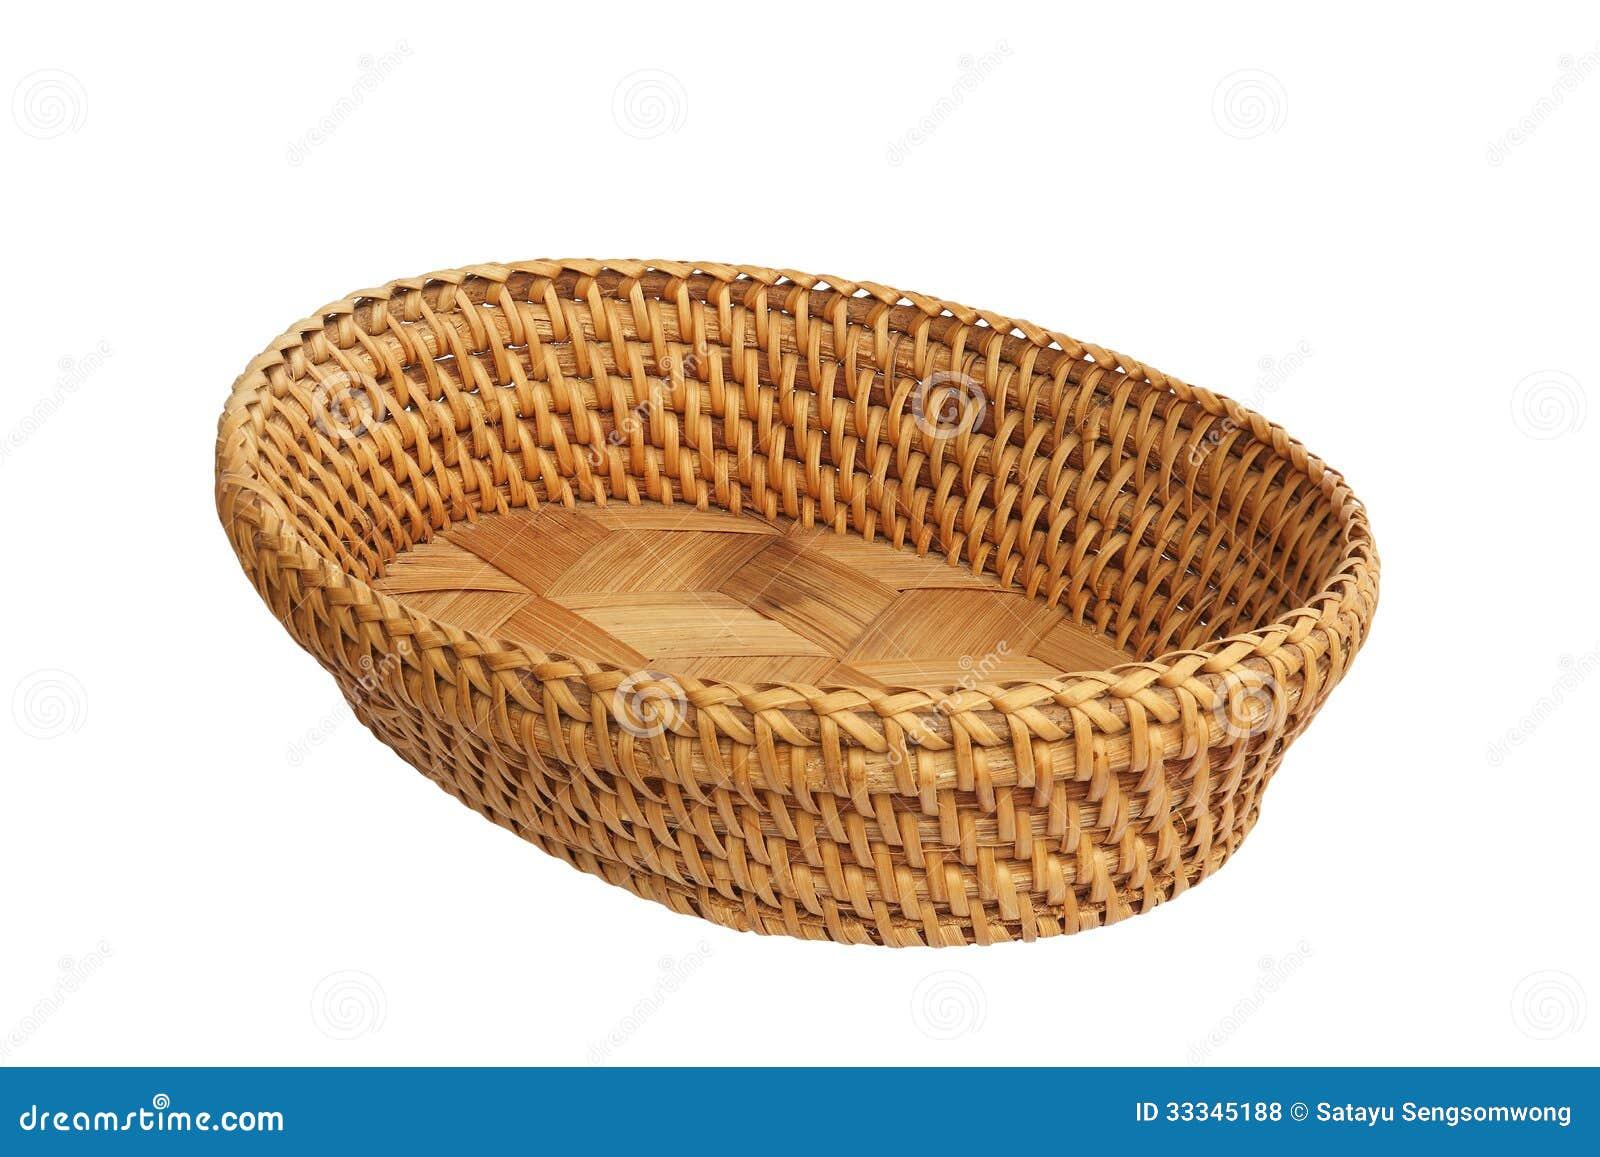 Vintage Farmers Market Sign An Empty Wicker Basket...